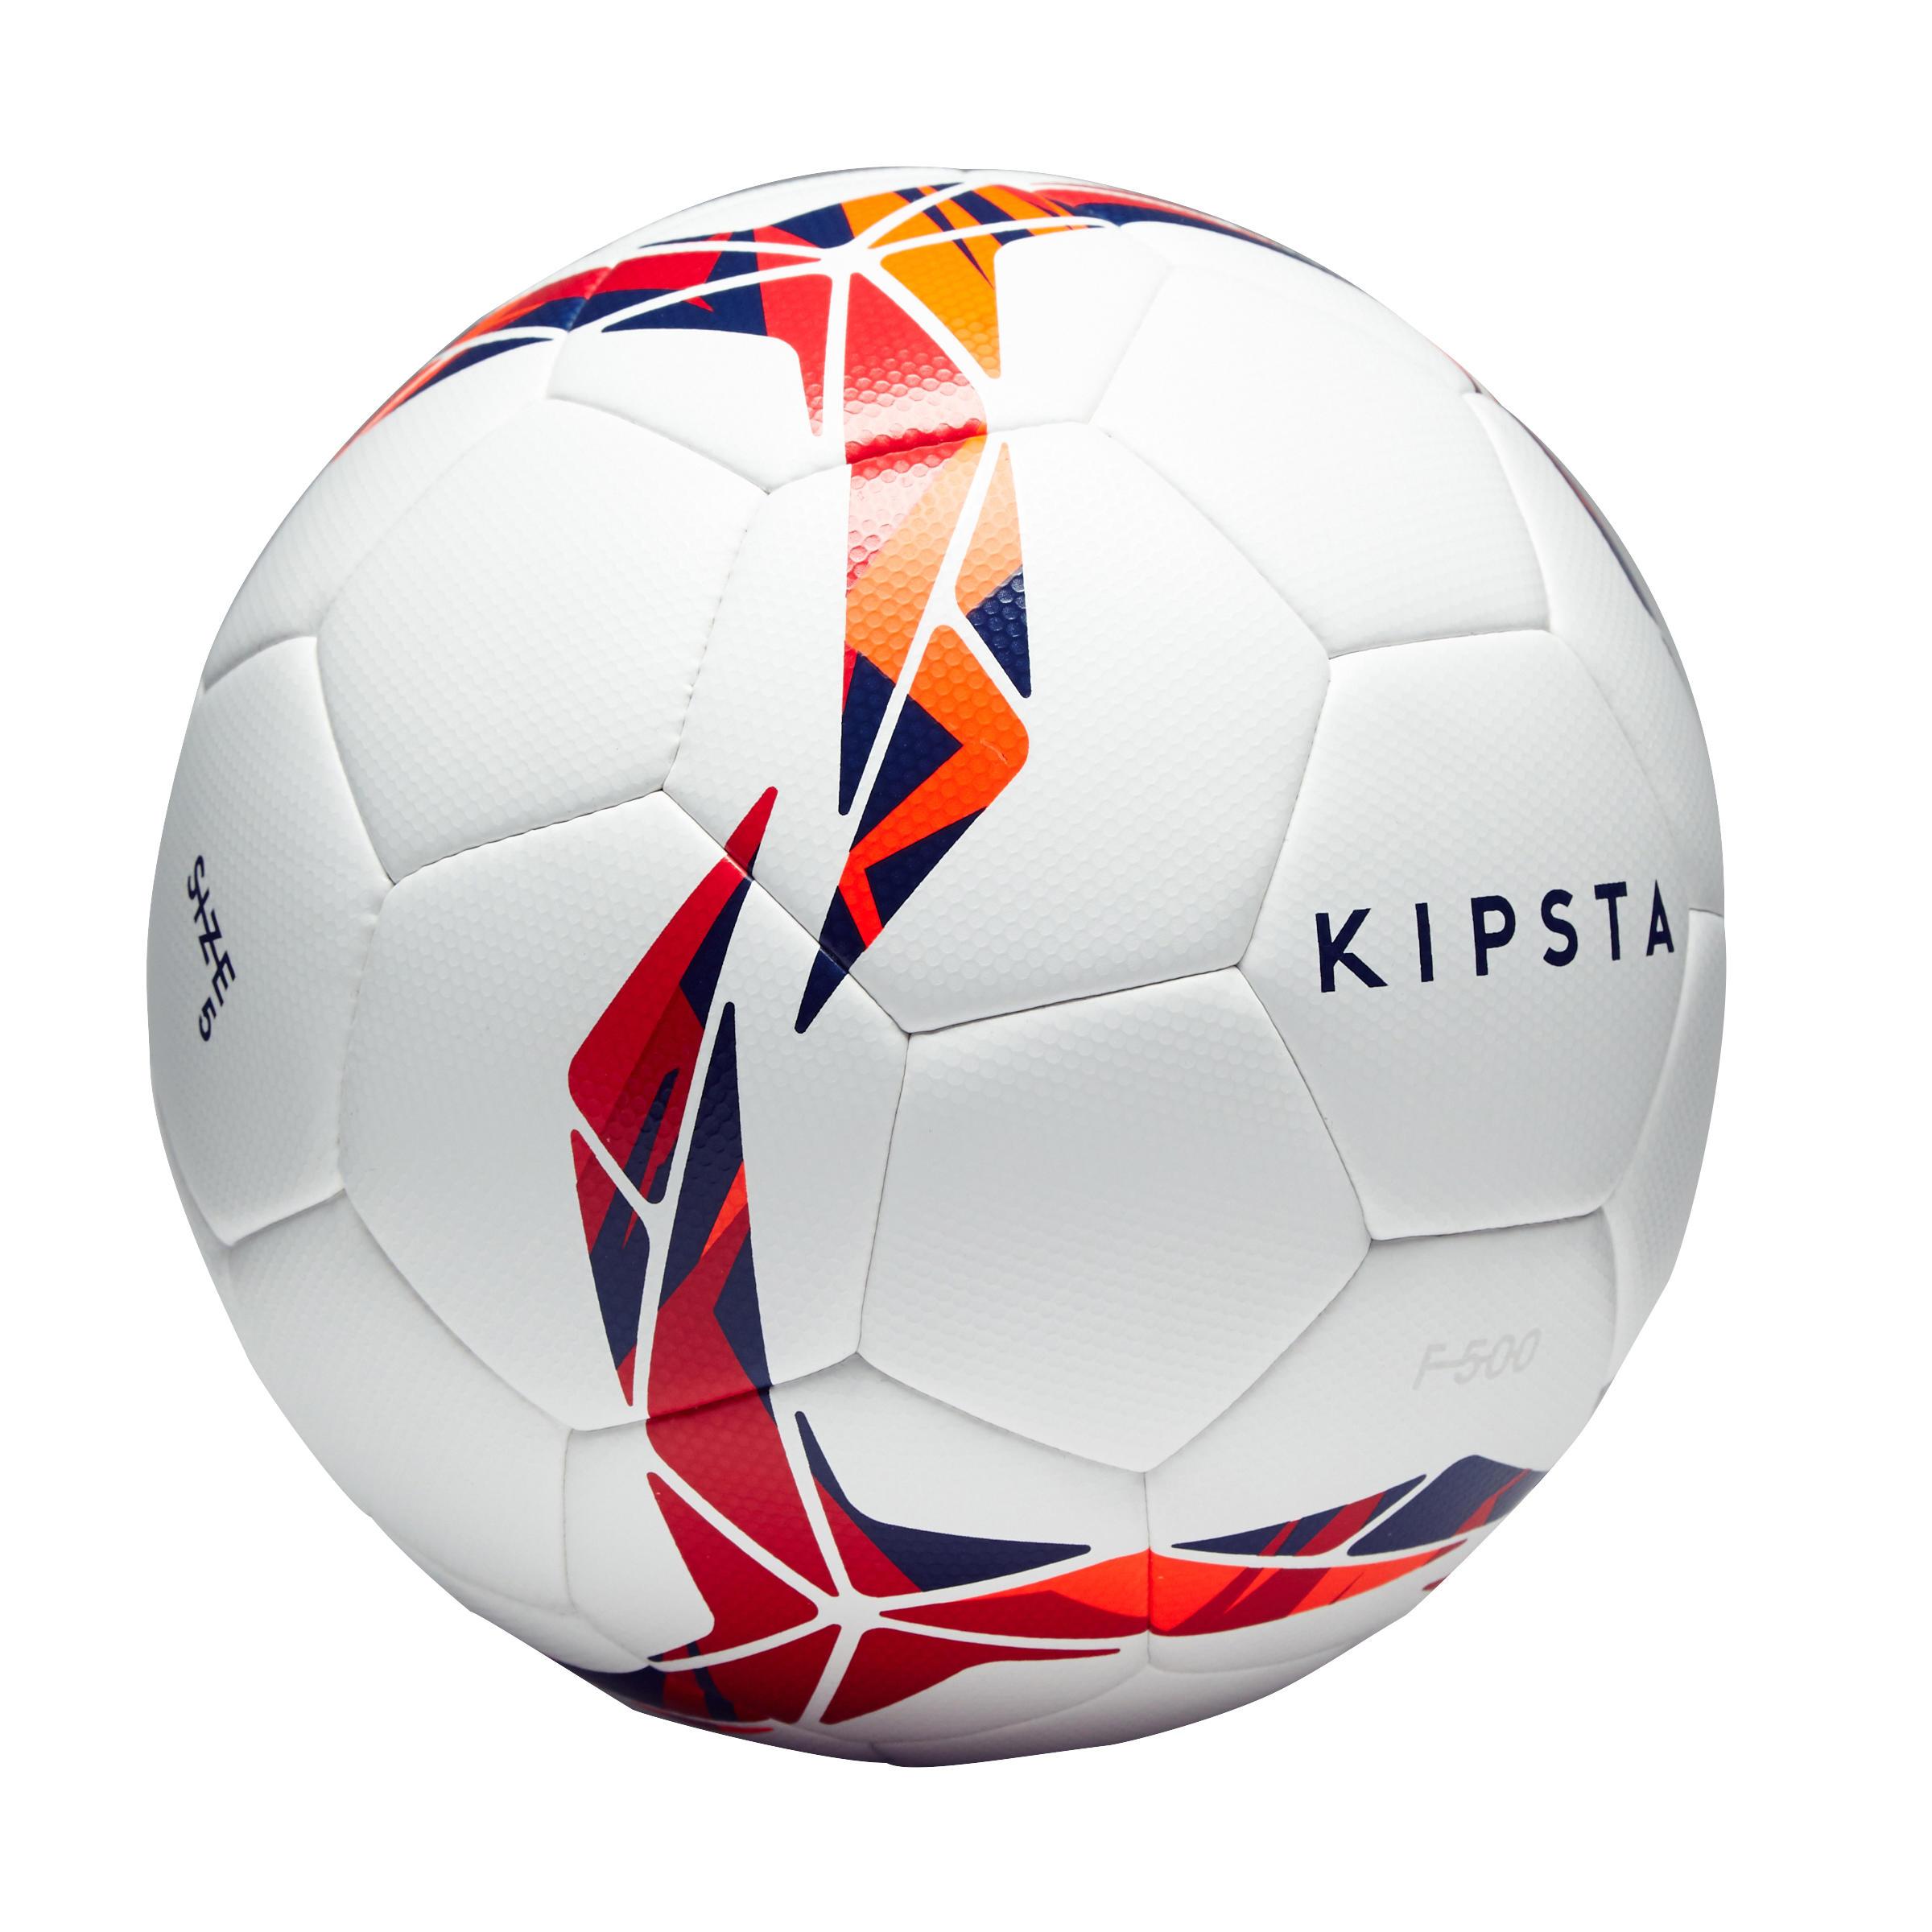 8095e950ffd Voetbal kopen online ← DECATHLON | Nergens goedkoper!